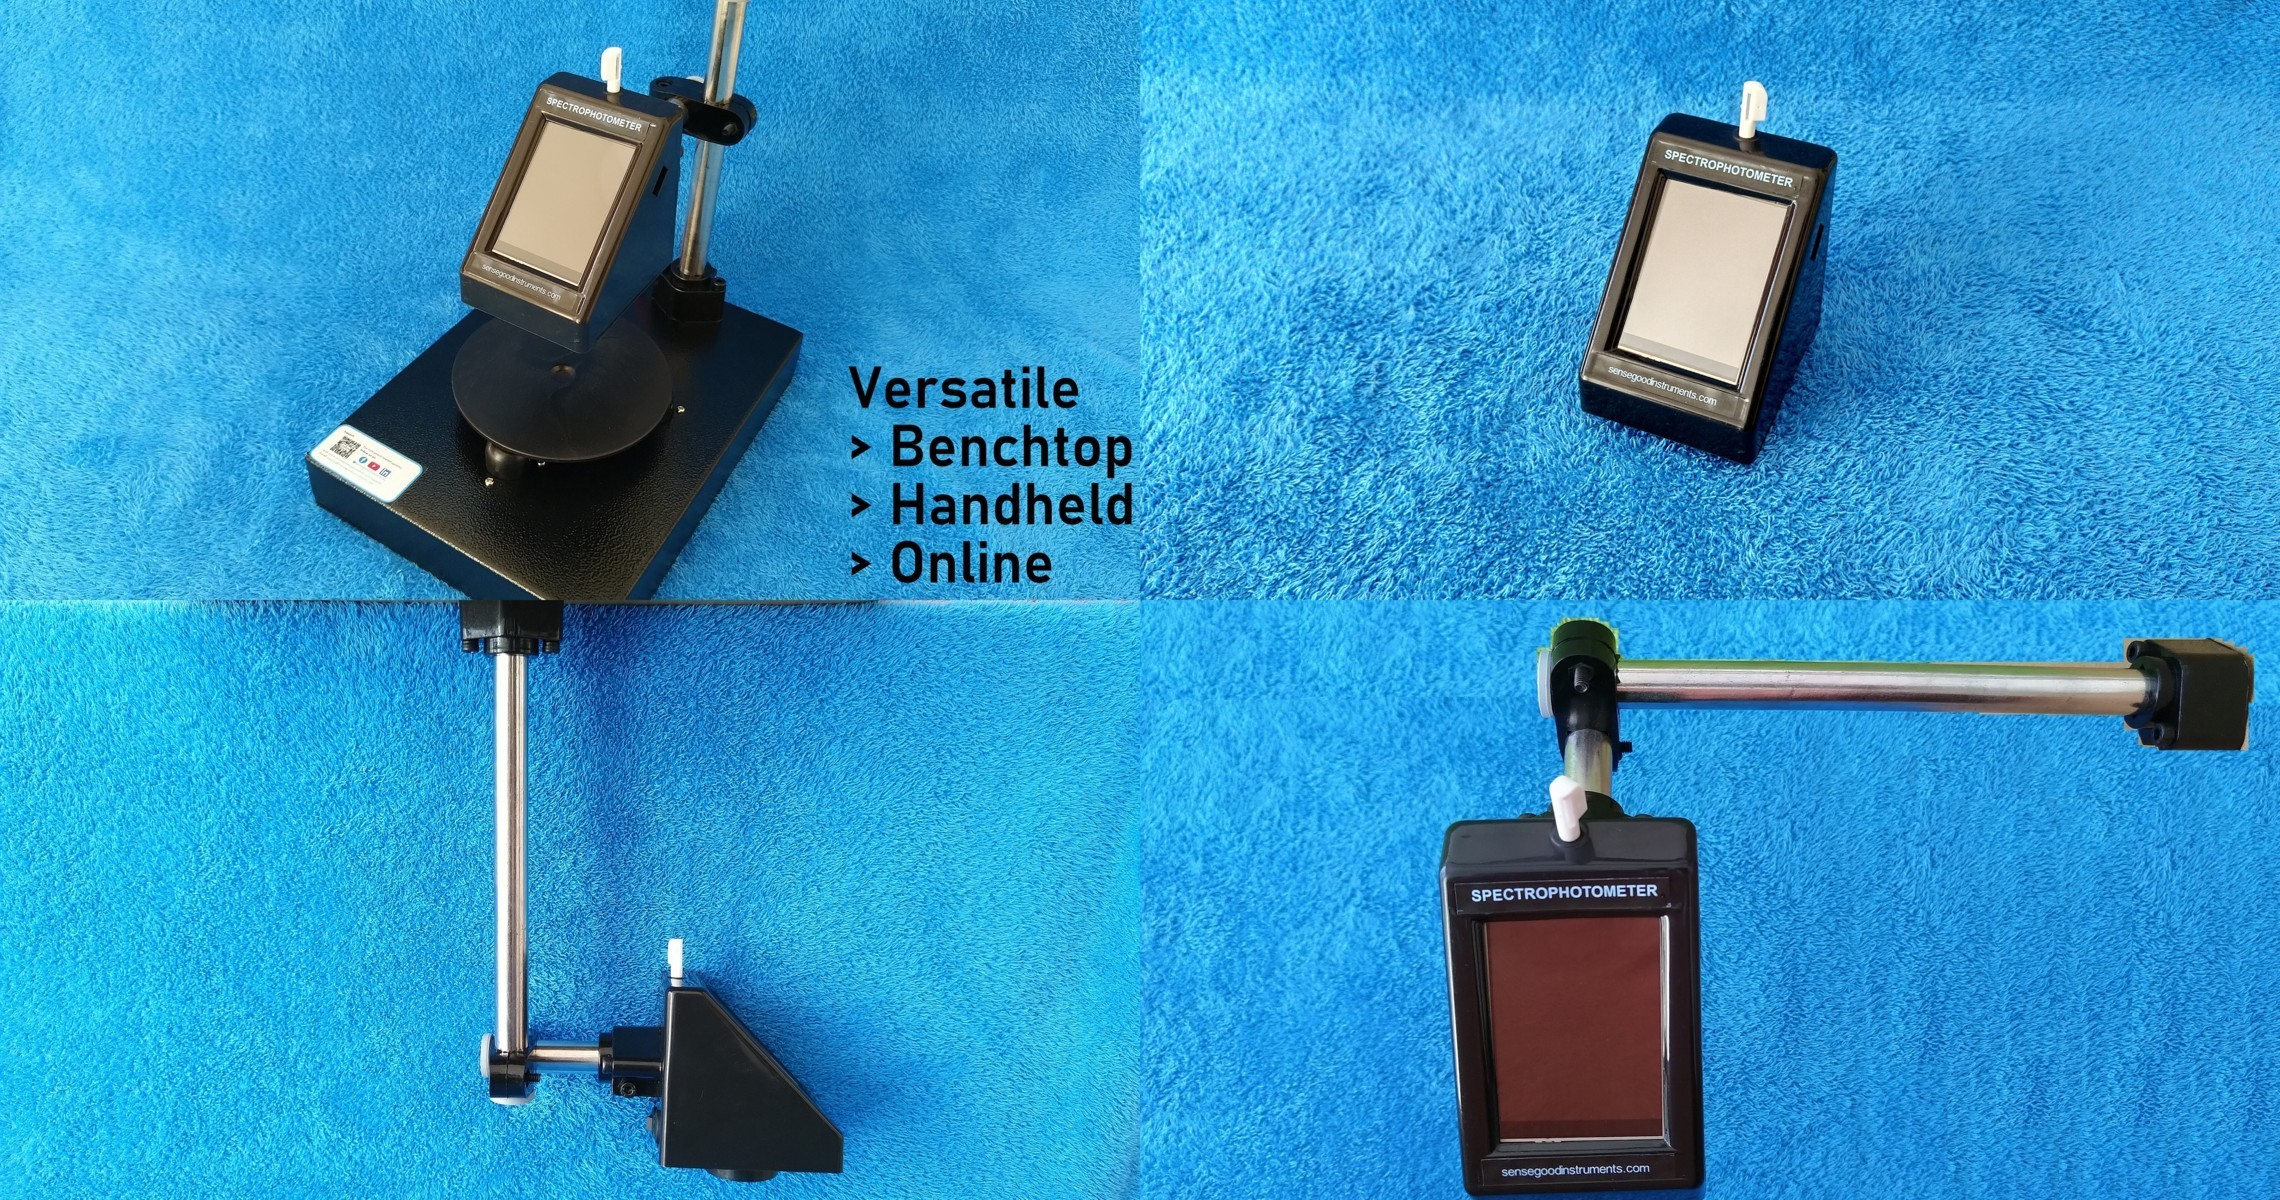 Affordable Color Measuring Spectrophotometer For Color Management